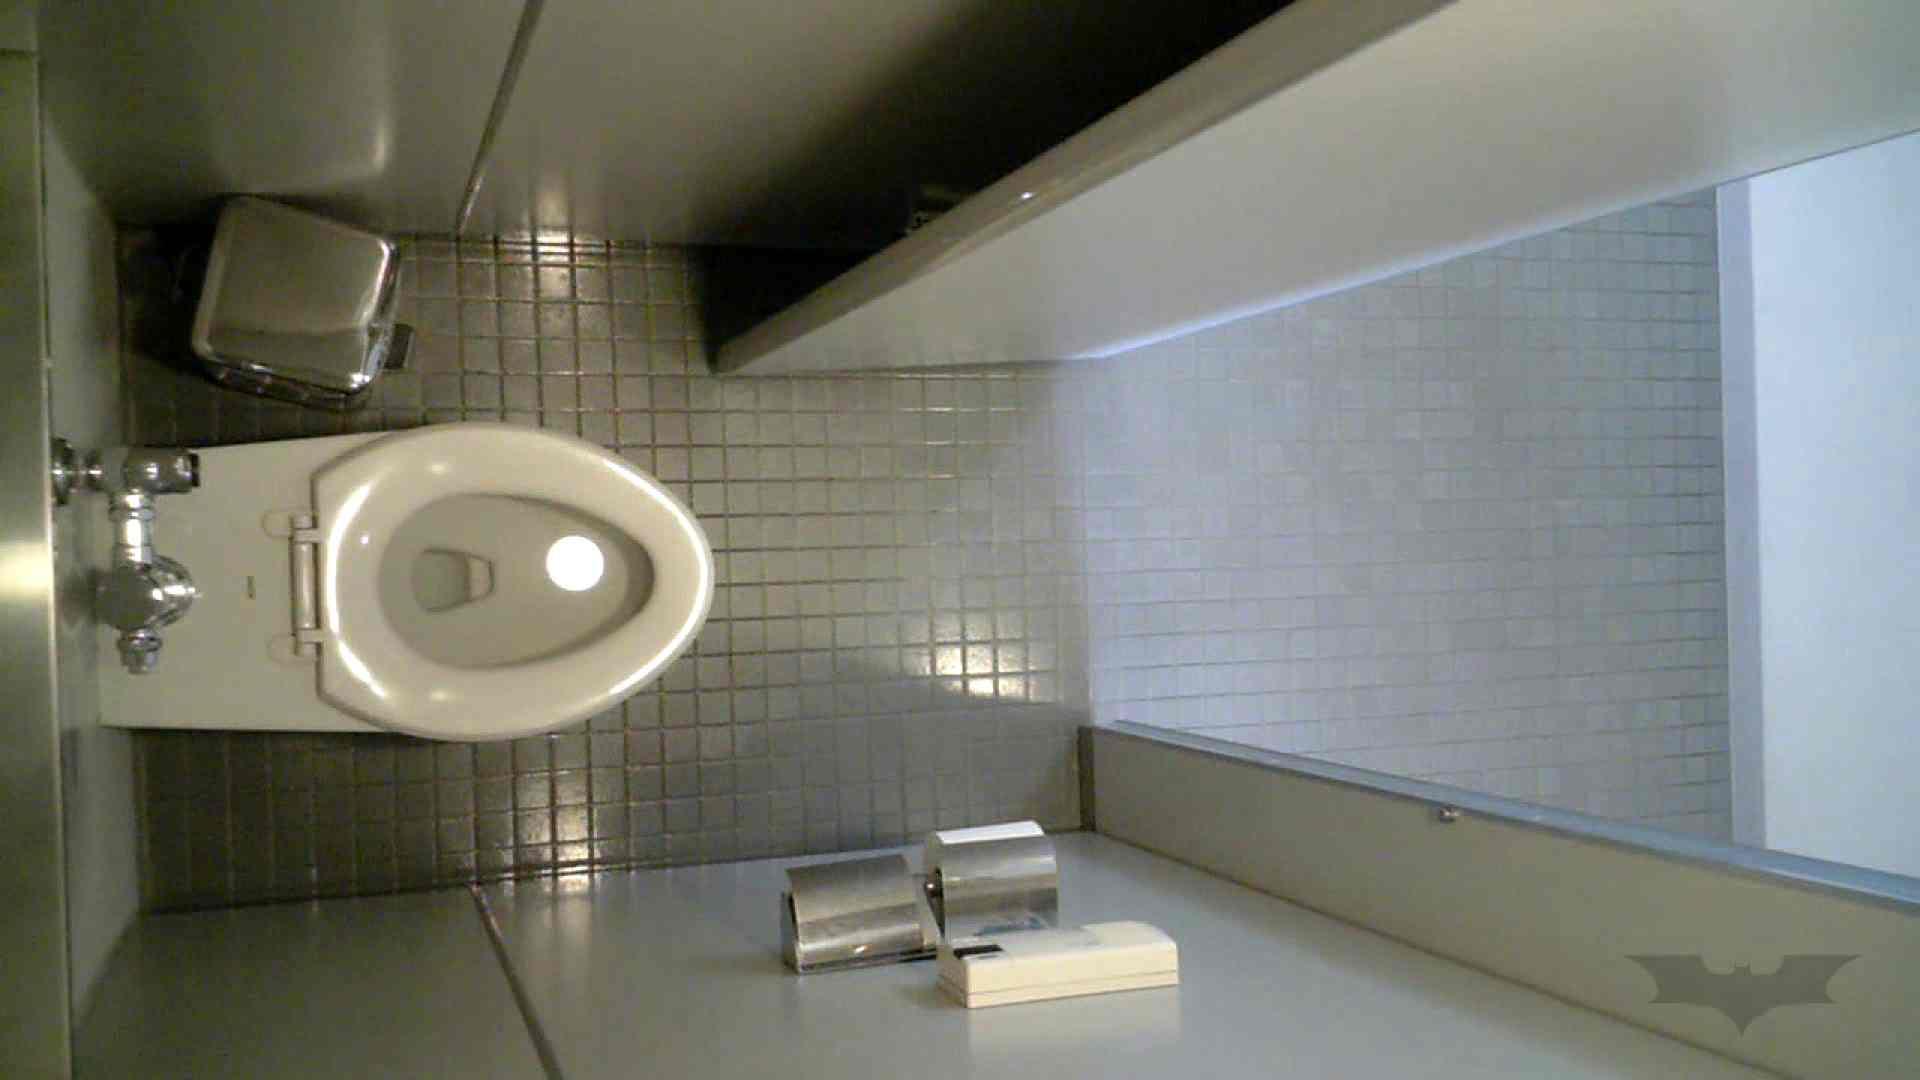 有名大学女性洗面所 vol.36 すっごい「ほじって」ます。 和式でハメ撮り オメコ動画キャプチャ 60pic 4